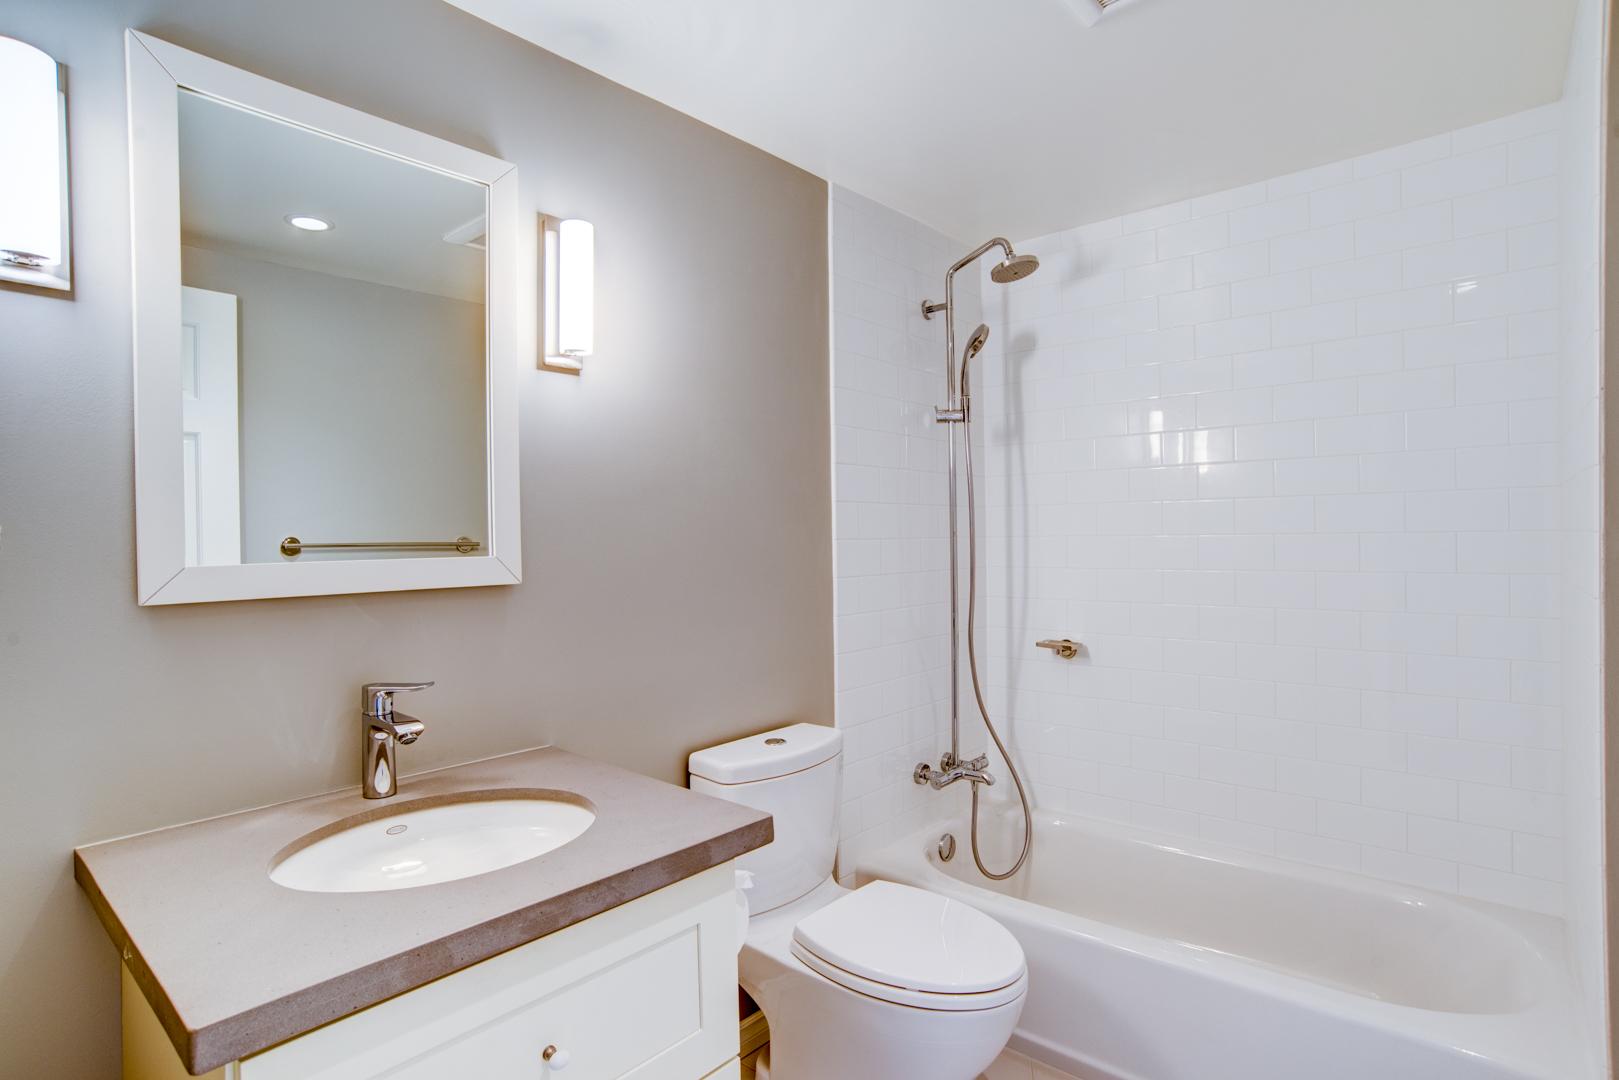 condo bathroom renovation afterl.jpeg